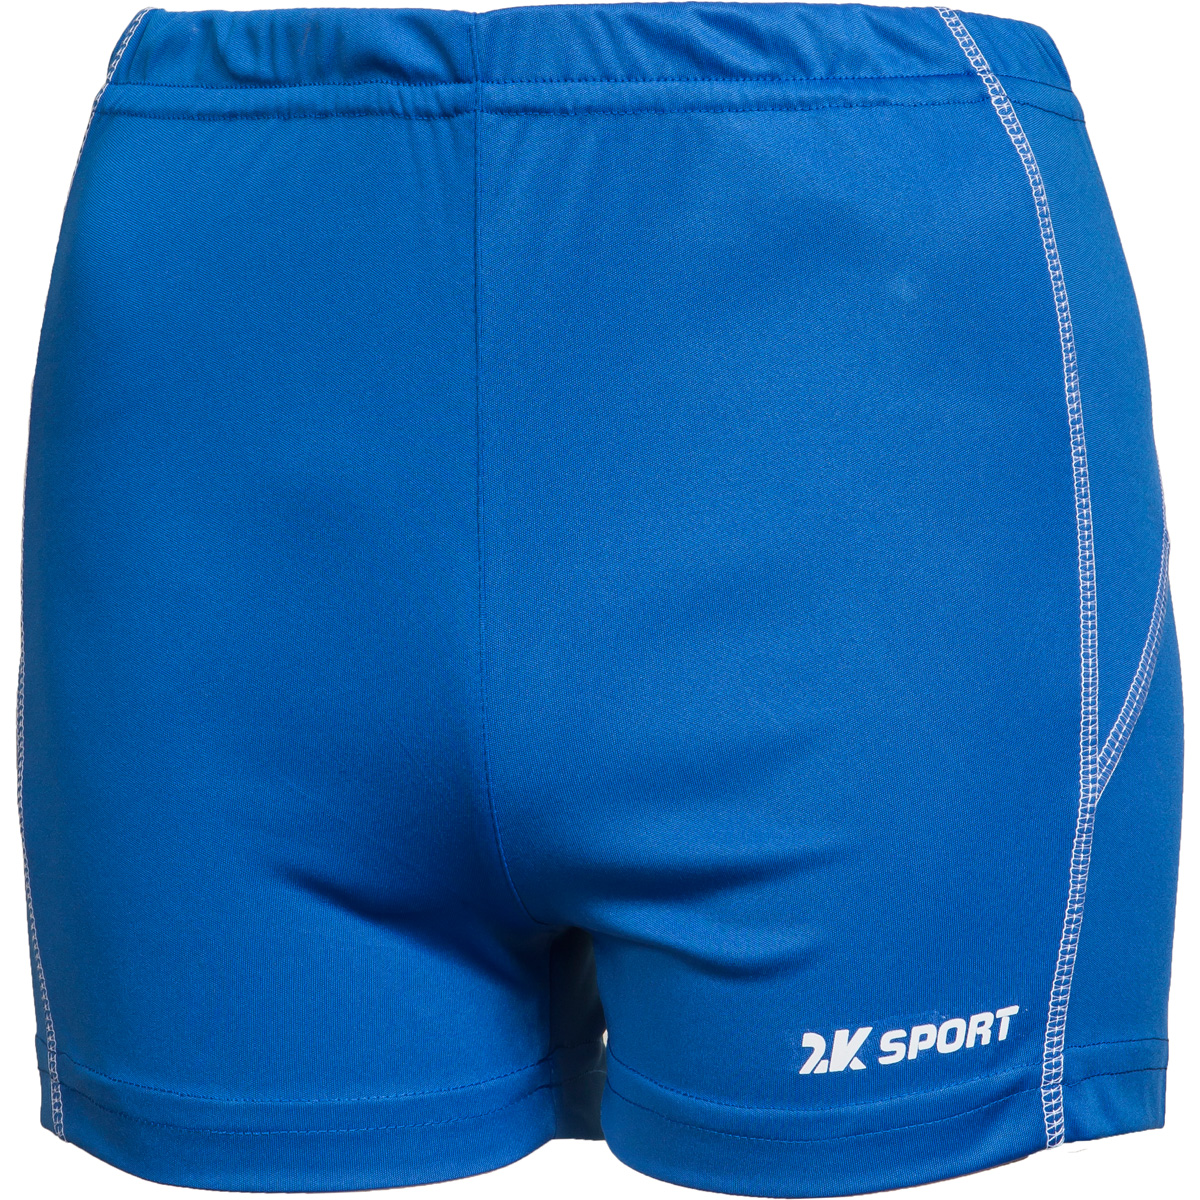 Шорты волейбольные женские 2K Sport Energy, цвет: синий. 140043. Размер XL (48/50)140043_royalОблегающие женские волейбольные шорты с контрастными полосами по бокам. Эластичная ткань не стесняет в движениях, но при этом обладает высокой износостойкостью и отлично сохраняет форму.